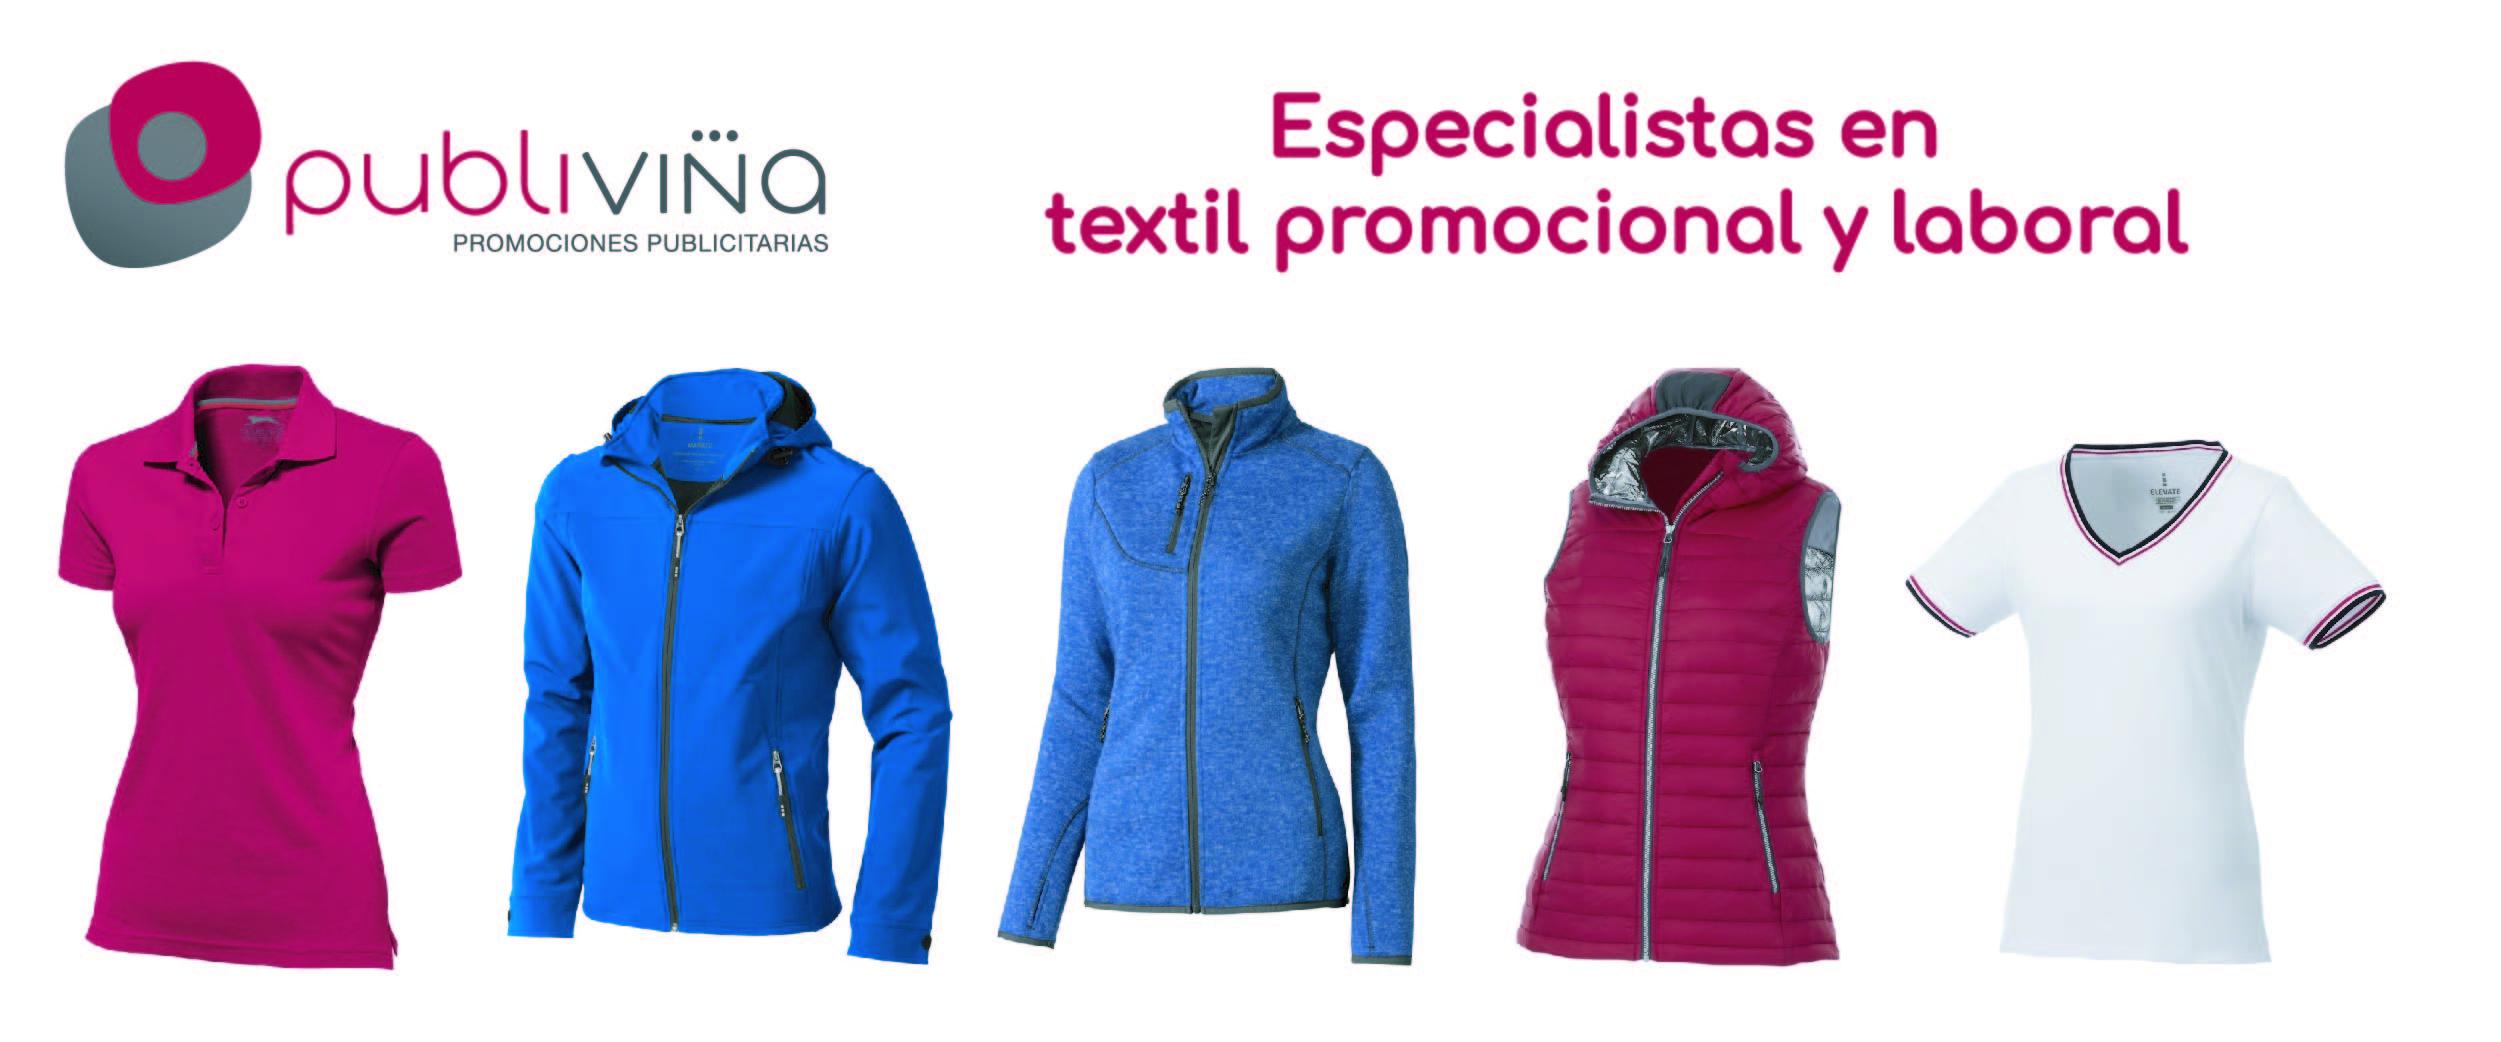 Artículos publicitarios de textil